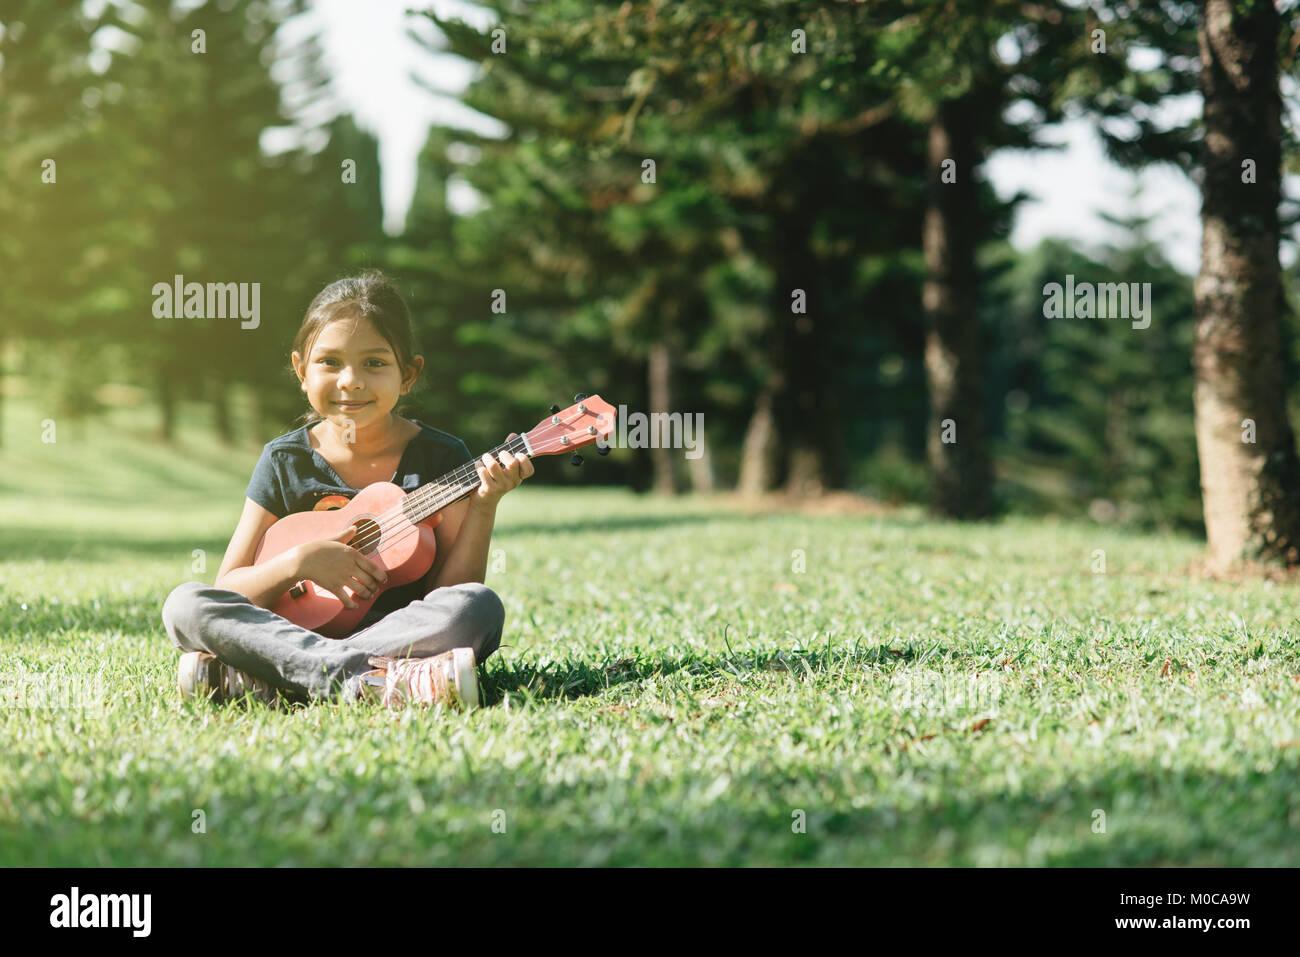 Jóvenes asiáticos y alegre niña jugando Ukelele Tienda de guitarra en el parque en la mañana Imagen De Stock